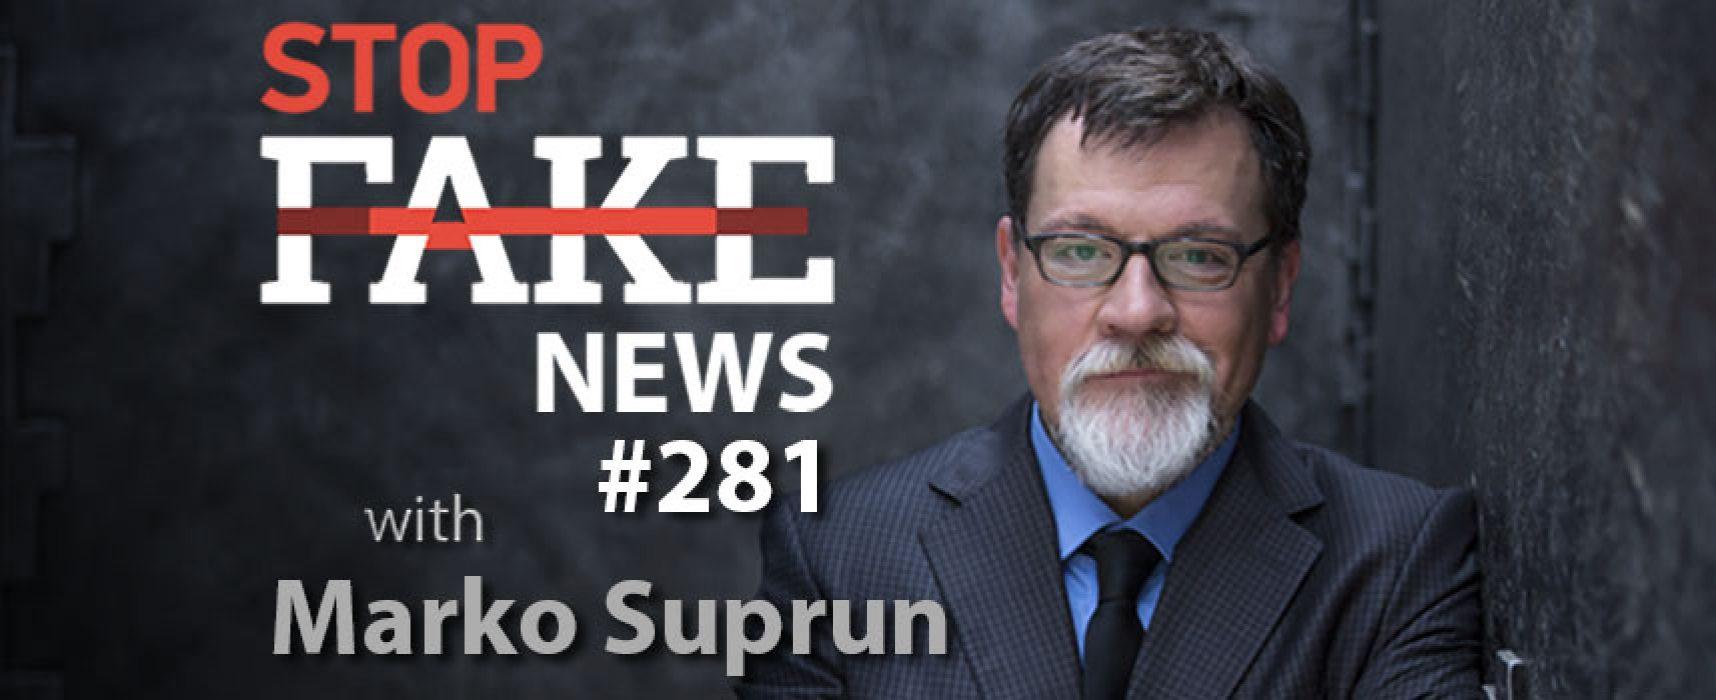 Cats Carry Coronavirus: StopFakeNews with Marko Suprun (No. 281)